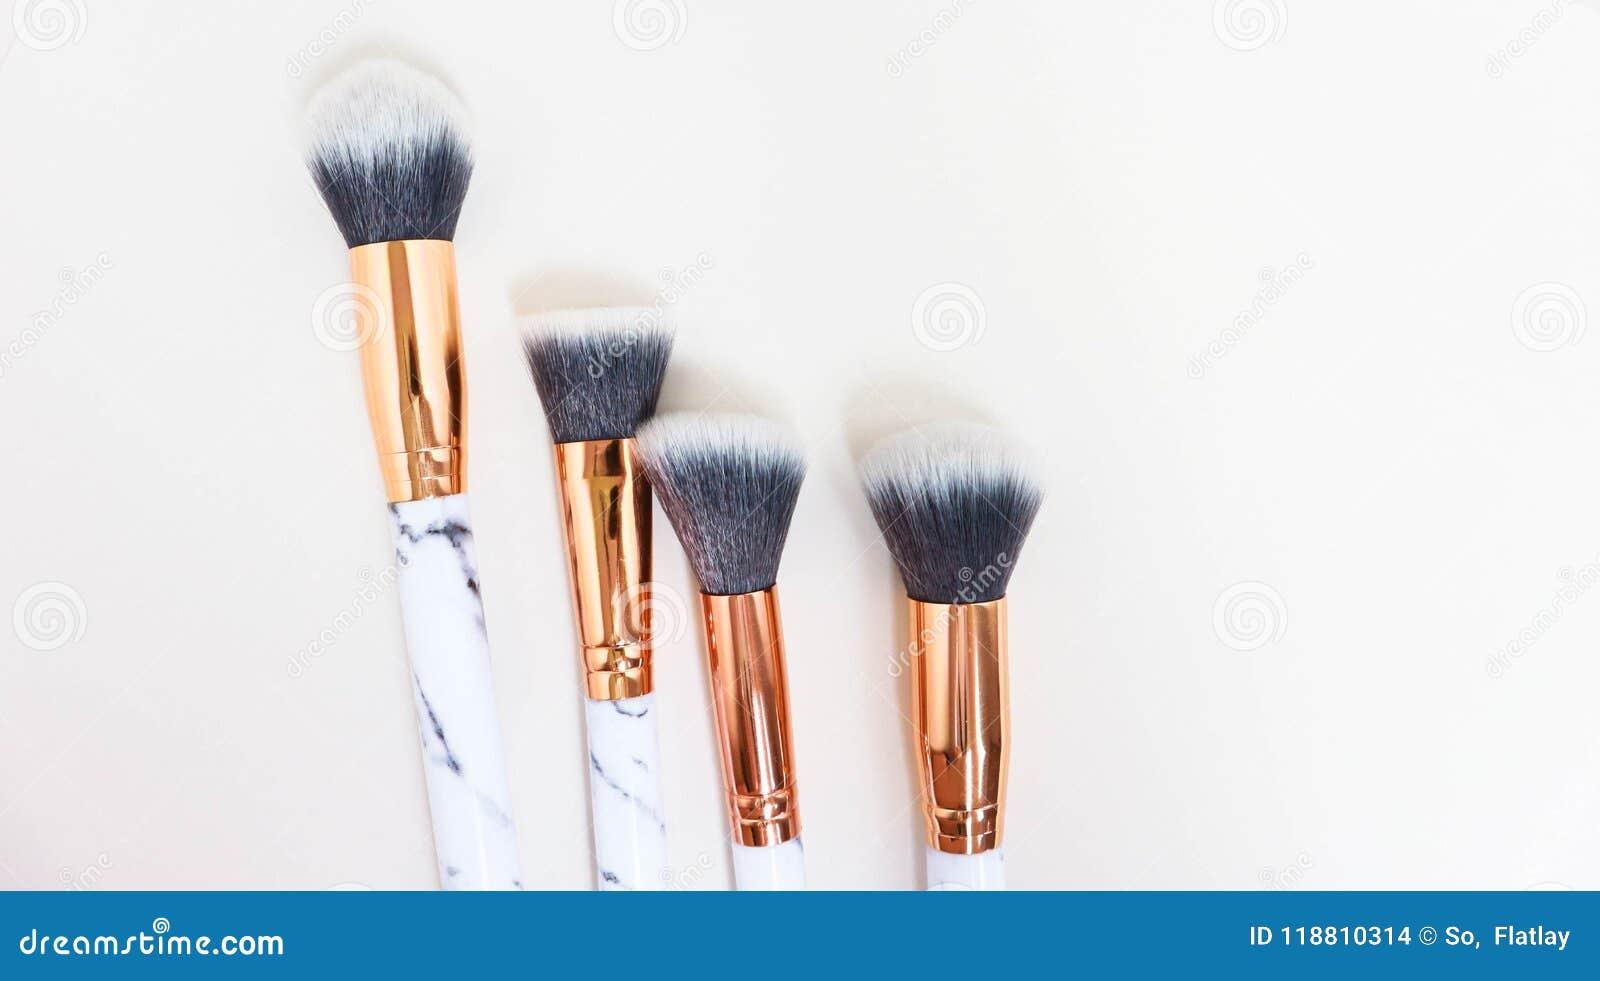 Uppsättningen av makeup borstar på vit färgad komponerad bakgrund